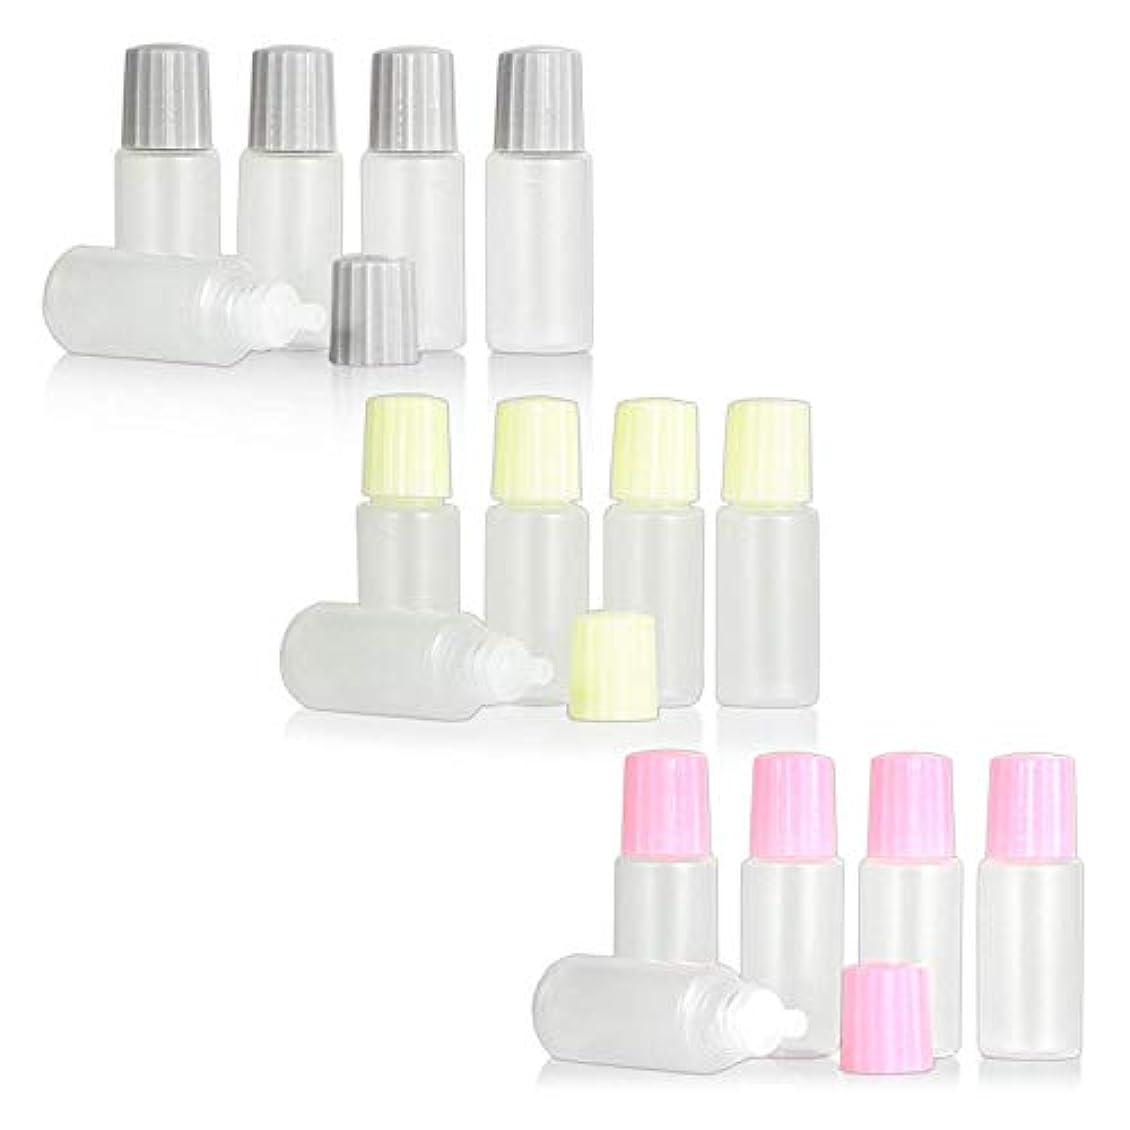 カトリック教徒正しく代わりのスポイトタイプ点眼容器 3色キャップ 各5本セット ピンク クリーム色 グレー 10ml